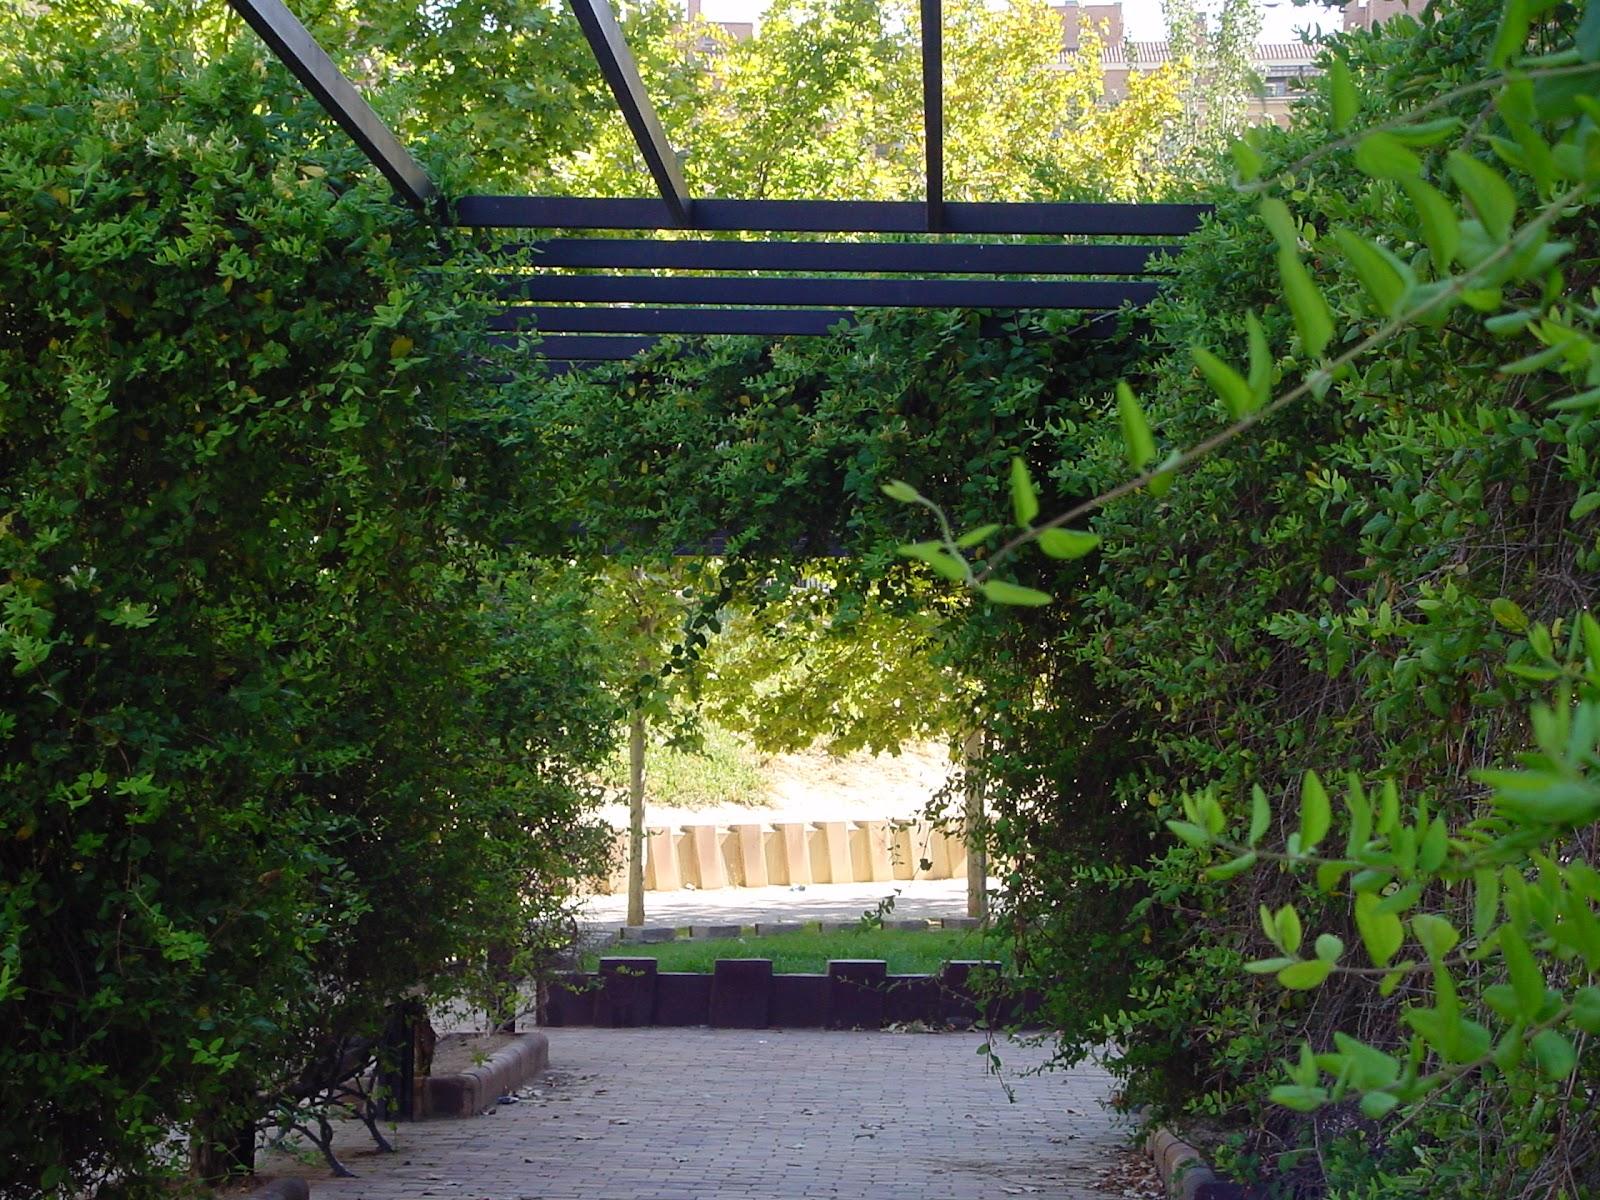 Jardineria eladio nonay jardiner a eladio nonay p rgolas for Pergolas de hierro para jardin